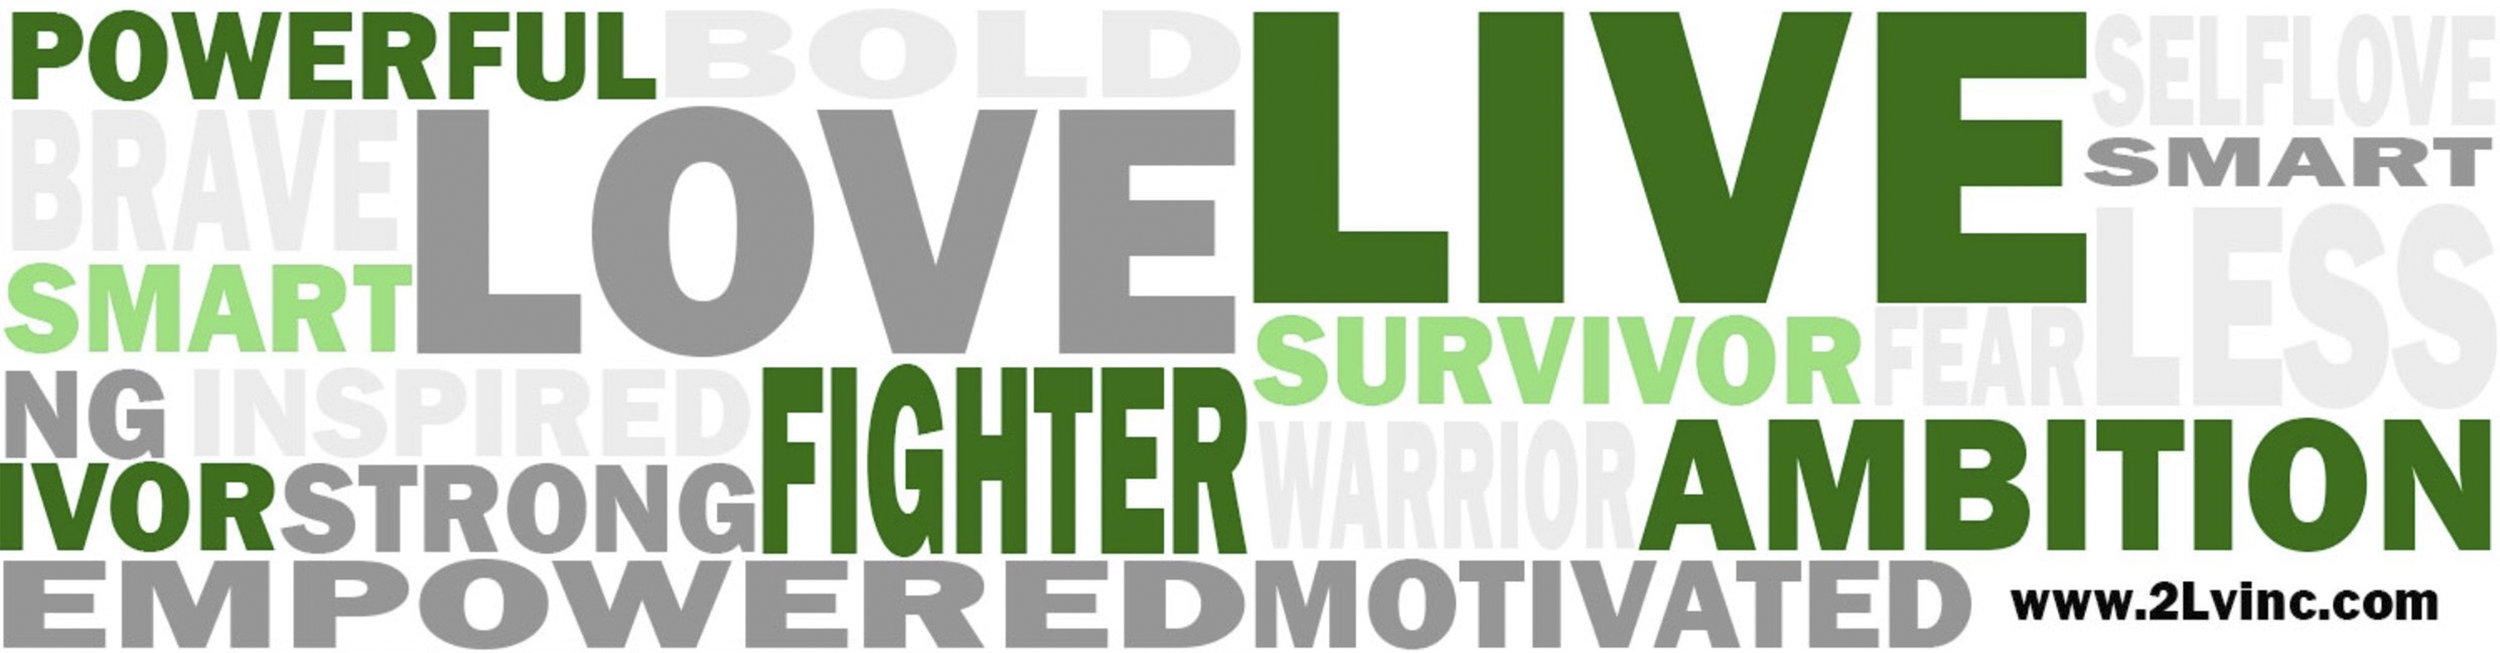 2Lv Inc Banner.jpg